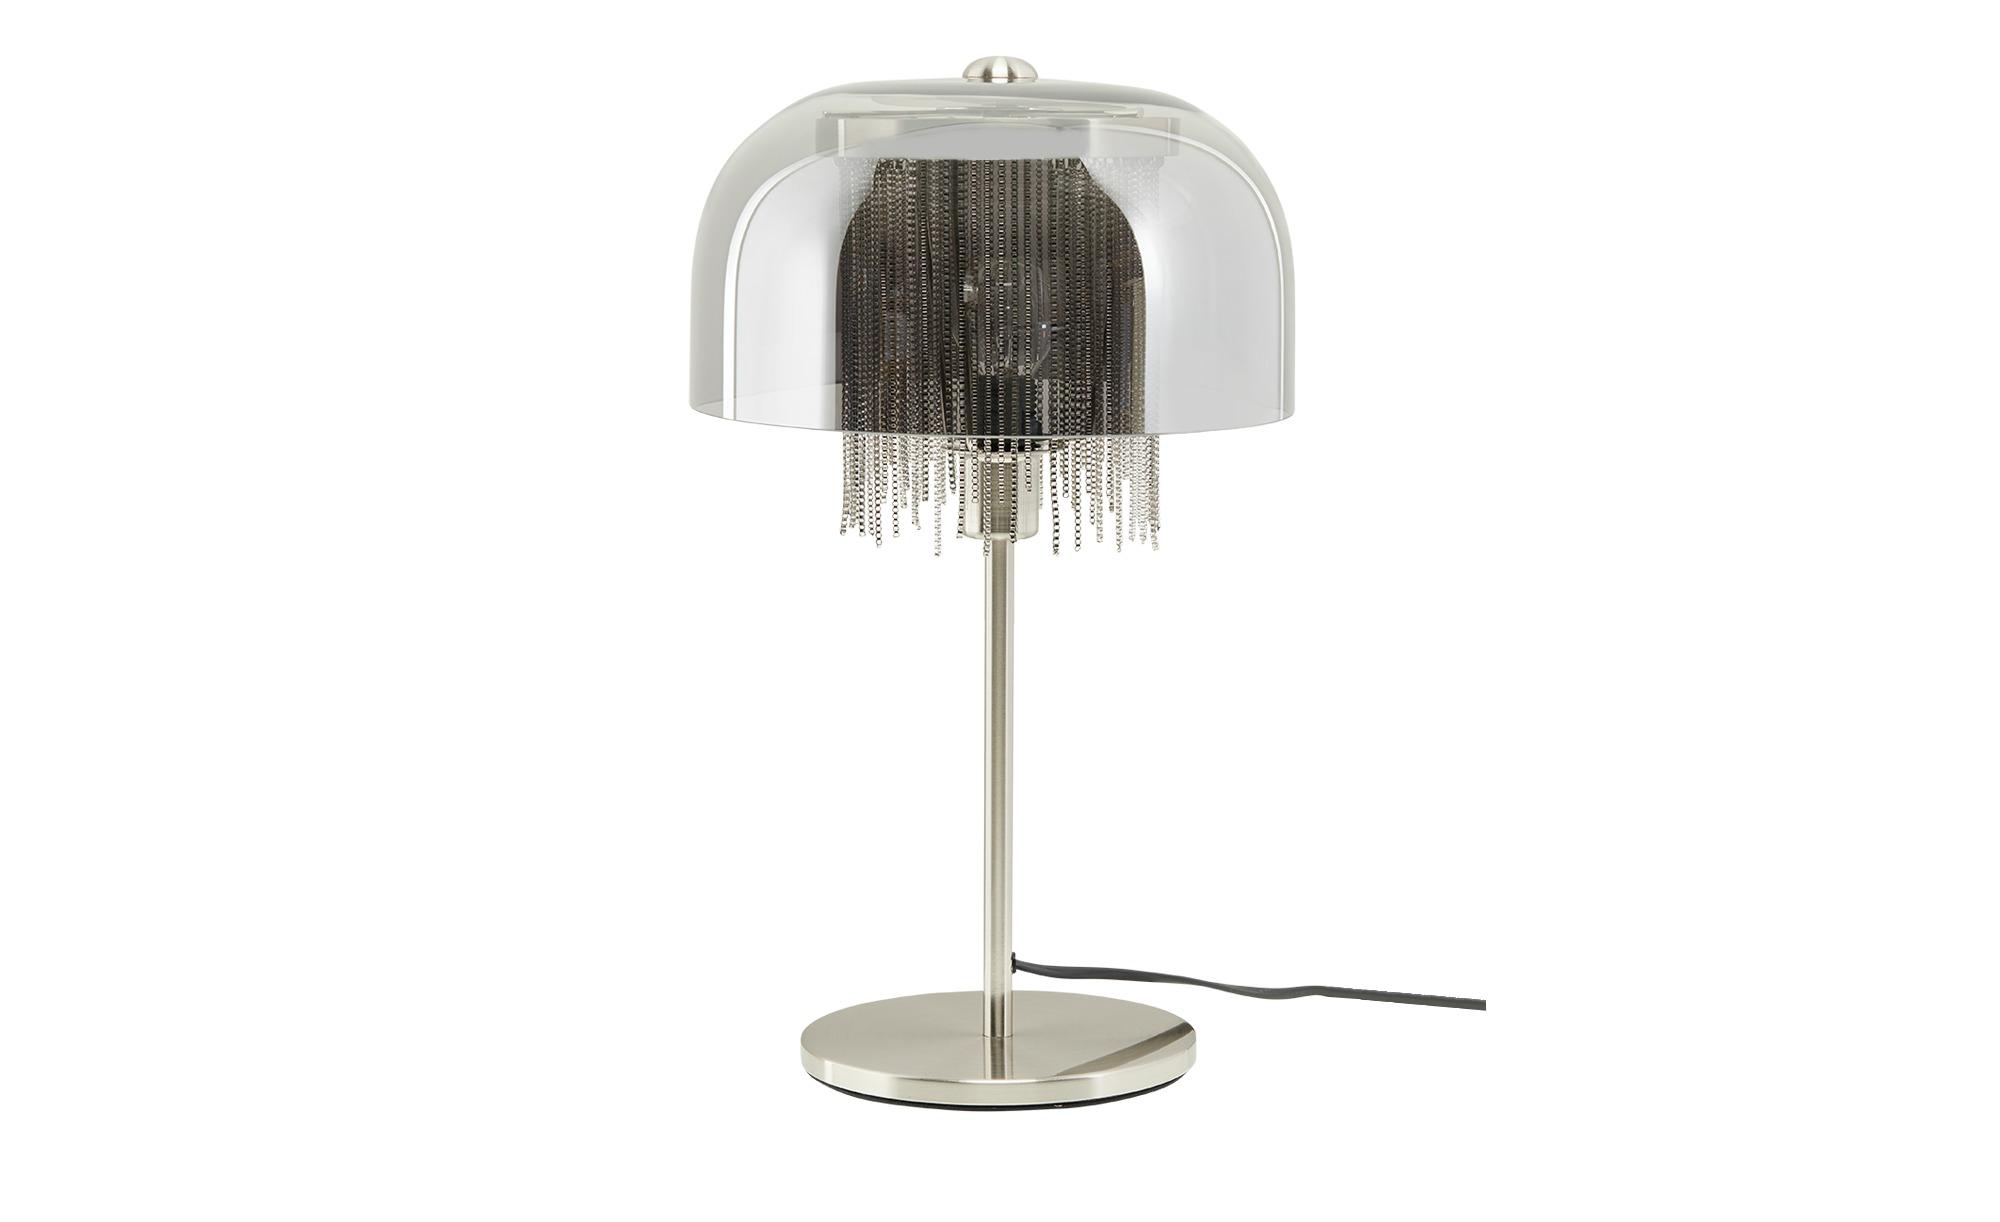 Tischleuchte, 1-flammig, Rauchglas mit Behang ¦ silber ¦ Maße (cm): H: 23 Ø: 37 Lampen & Leuchten > Innenleuchten > Tischlampen - Höffner